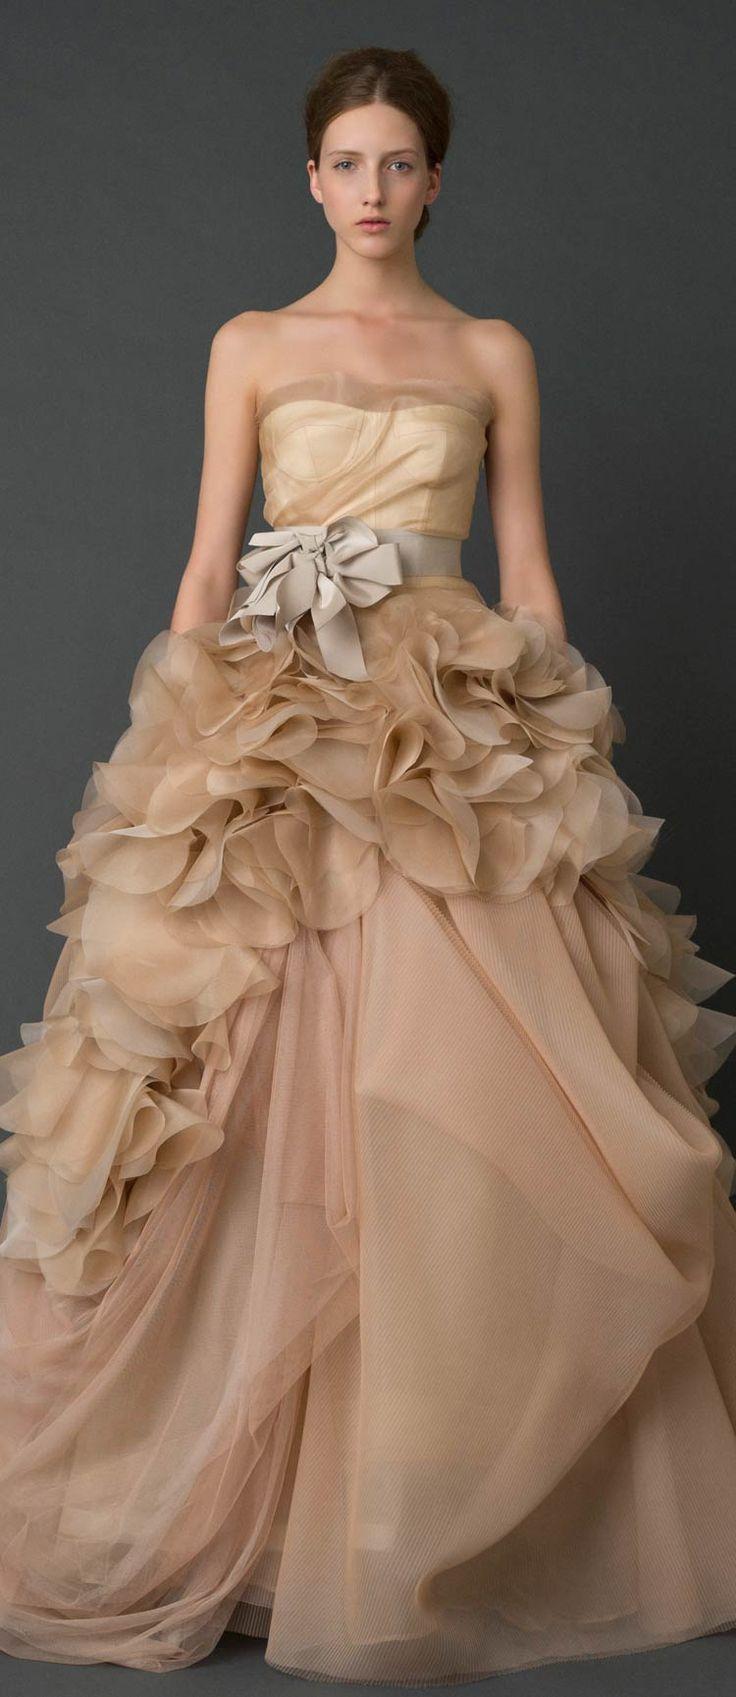 ヴェラ・ウォン ブライド   VERA WANG BRIDE   ウェディングドレス   THE TREAT DRESSING【トリートドレッシング】